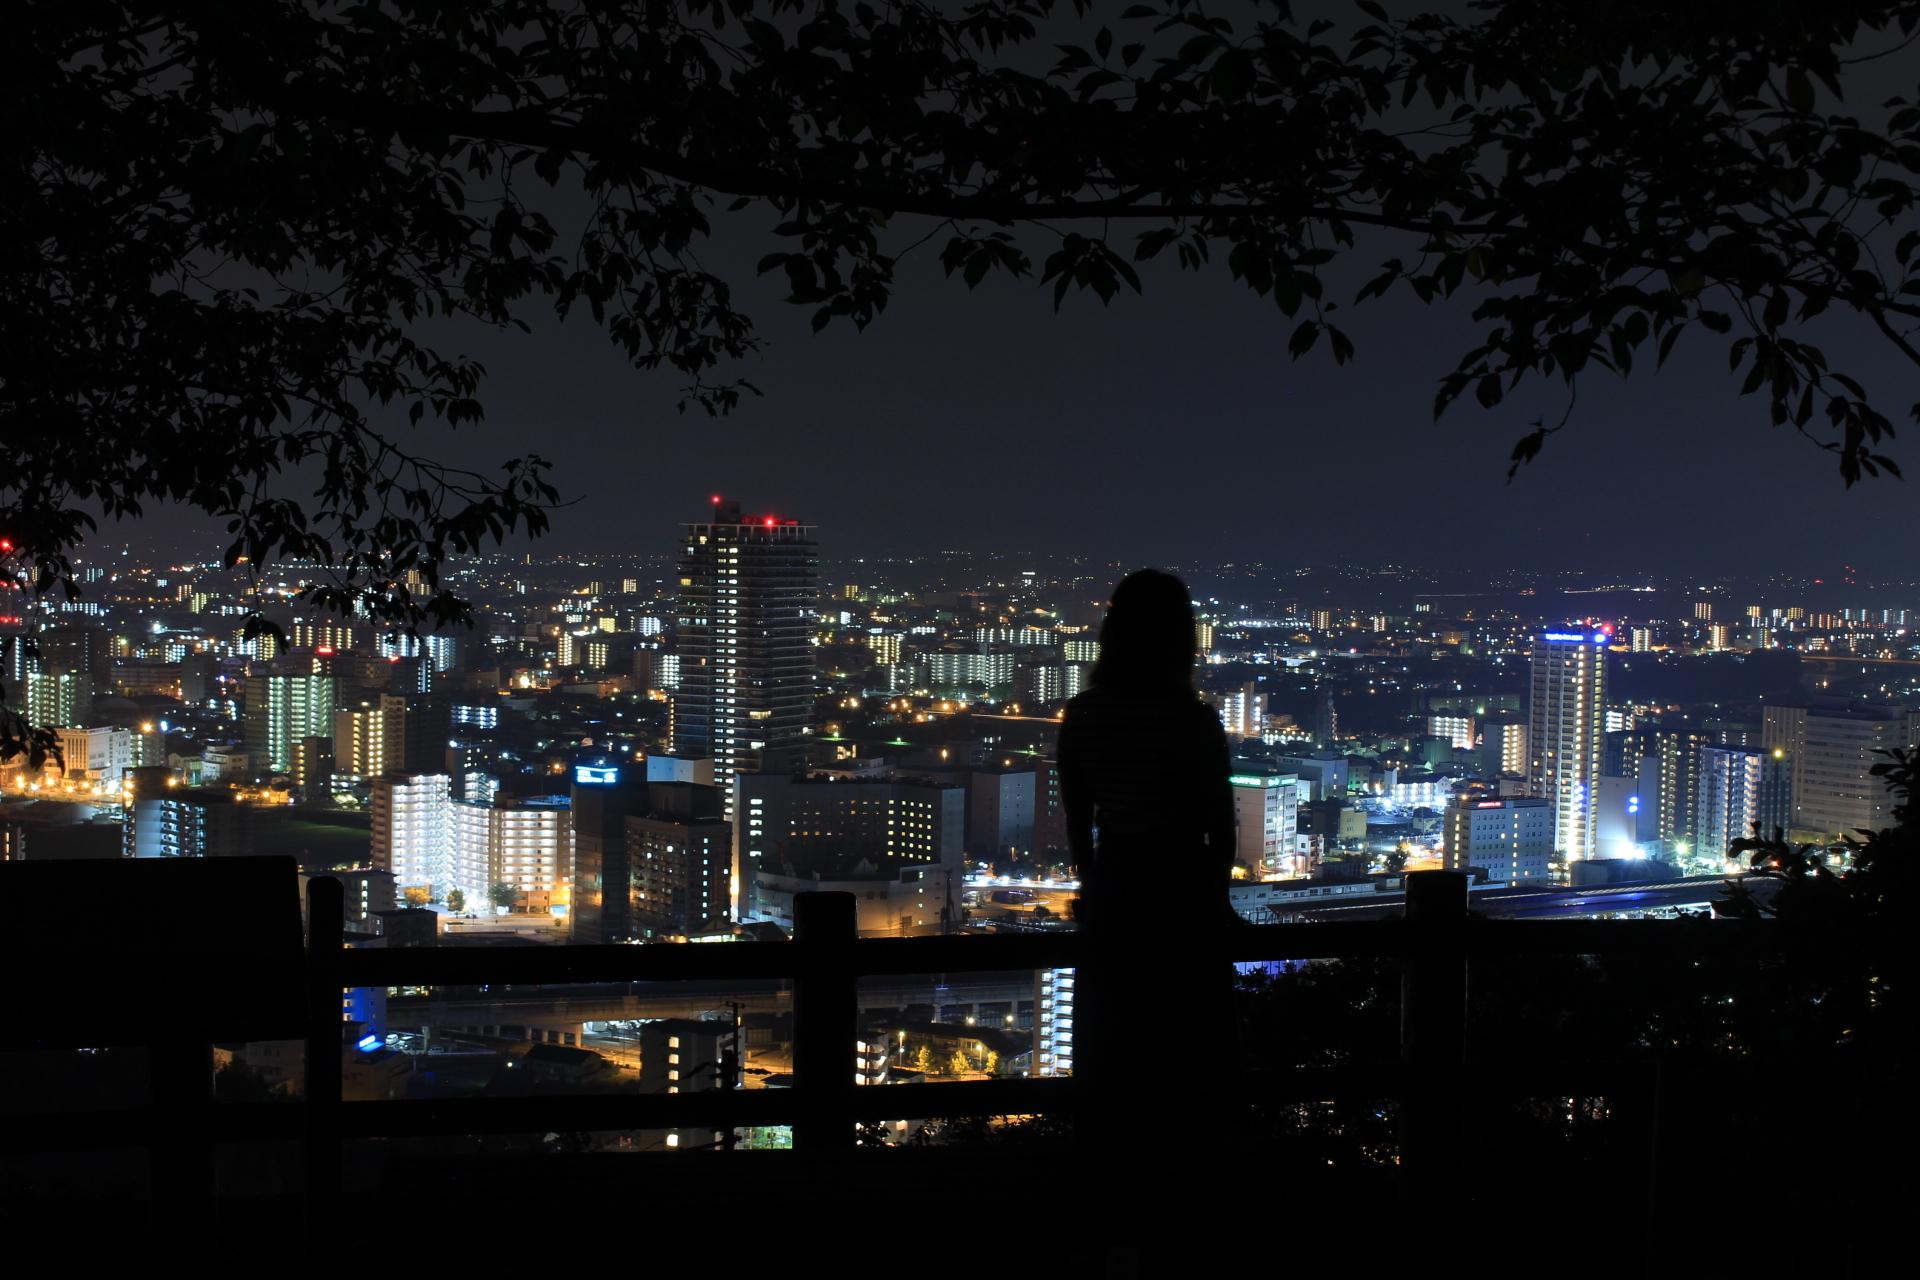 【花岡山】熊本の夜景スポットへ!昼間は、歴史を感じに行こう。